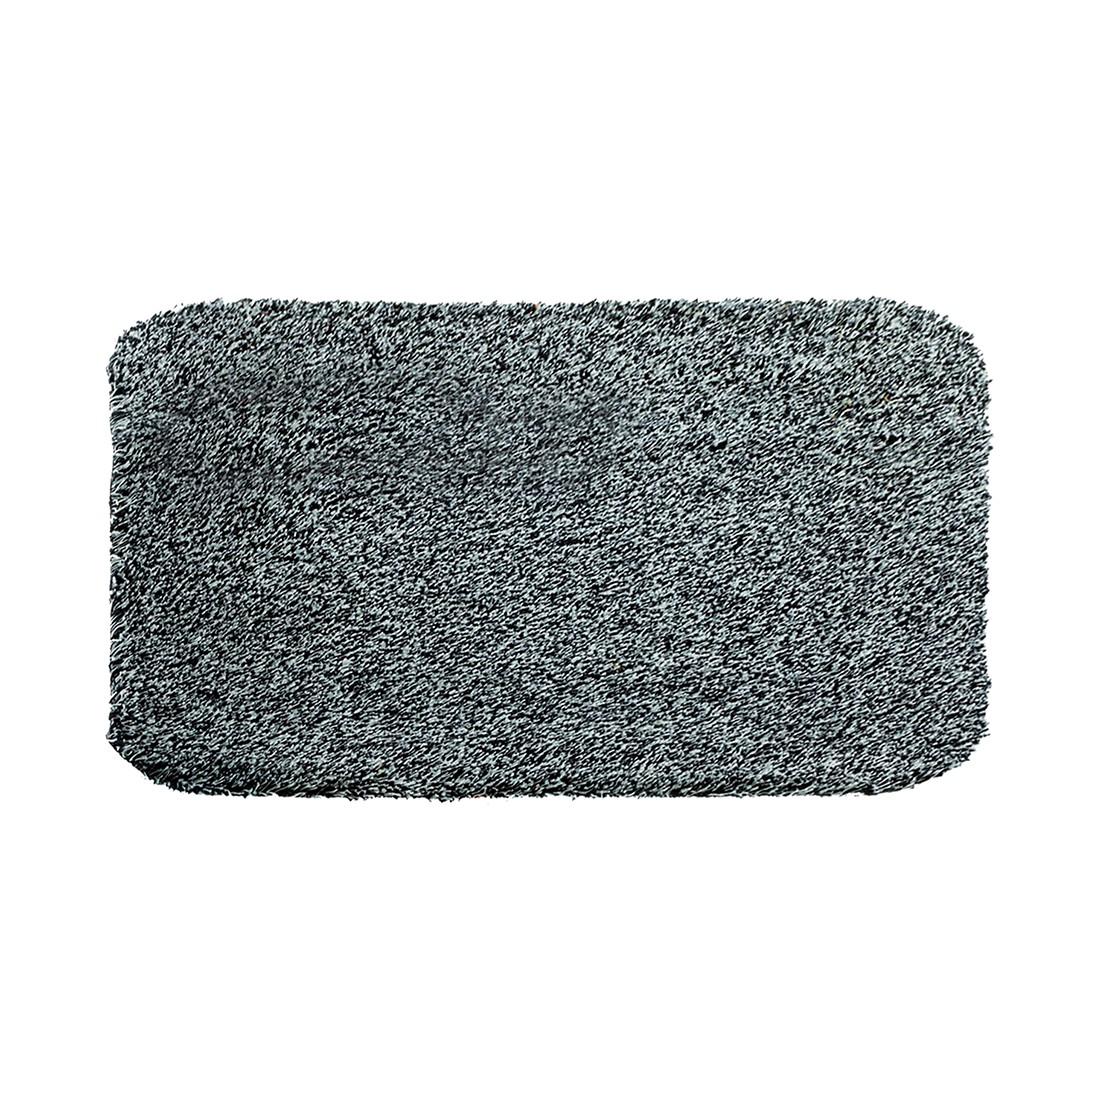 Fußmatte ASTRA Saugaktiv – Anthrazit – 60 x 75 cm, Astra günstig bestellen